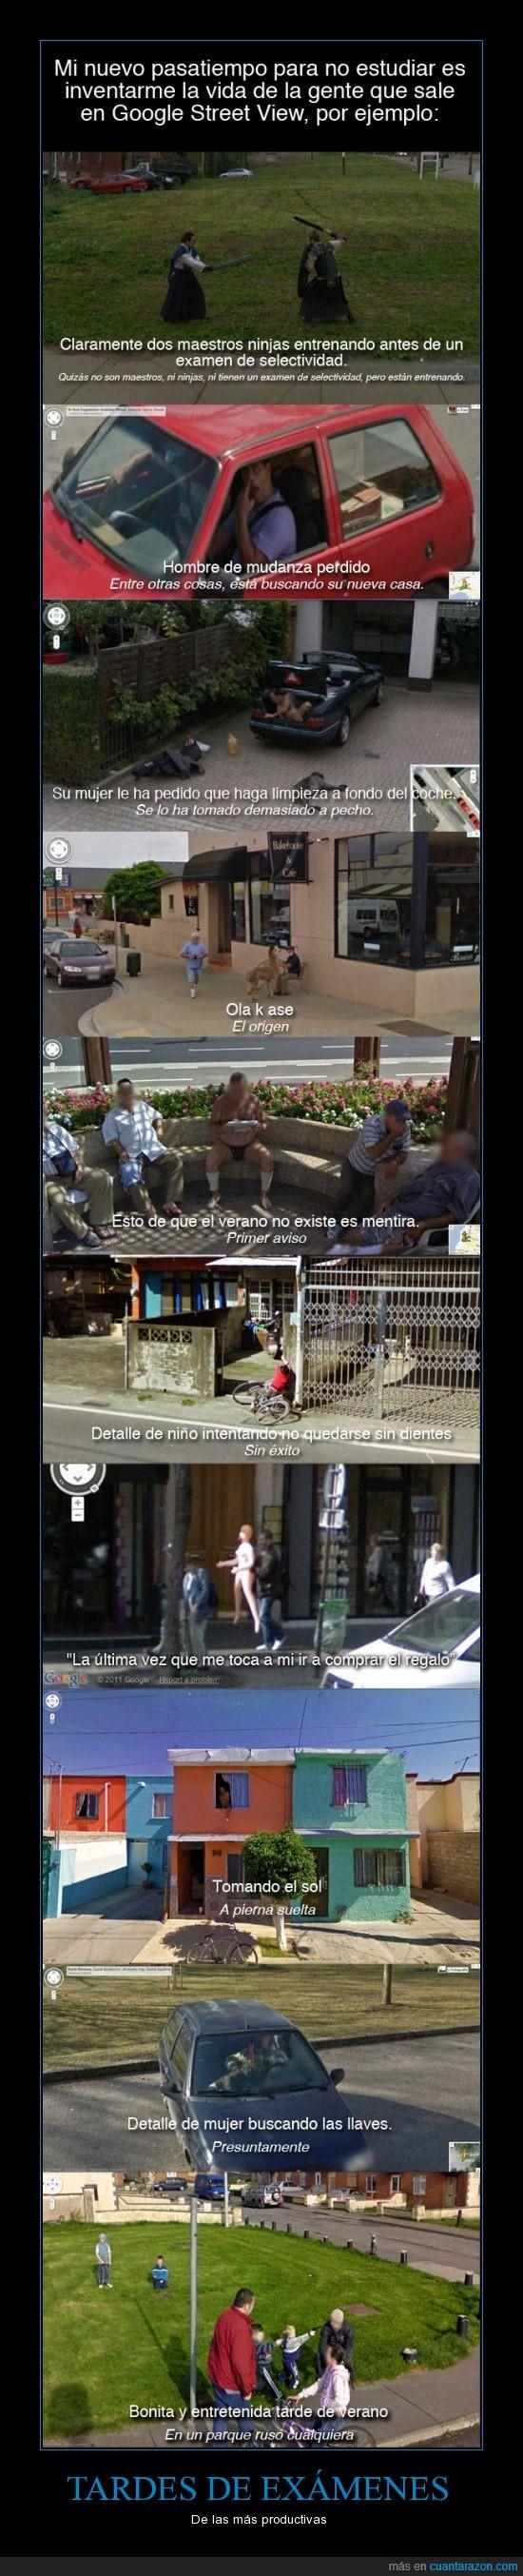 capturas,coches,fotos,google street view,historias,inventar,mapas,pasatiempo,rusos